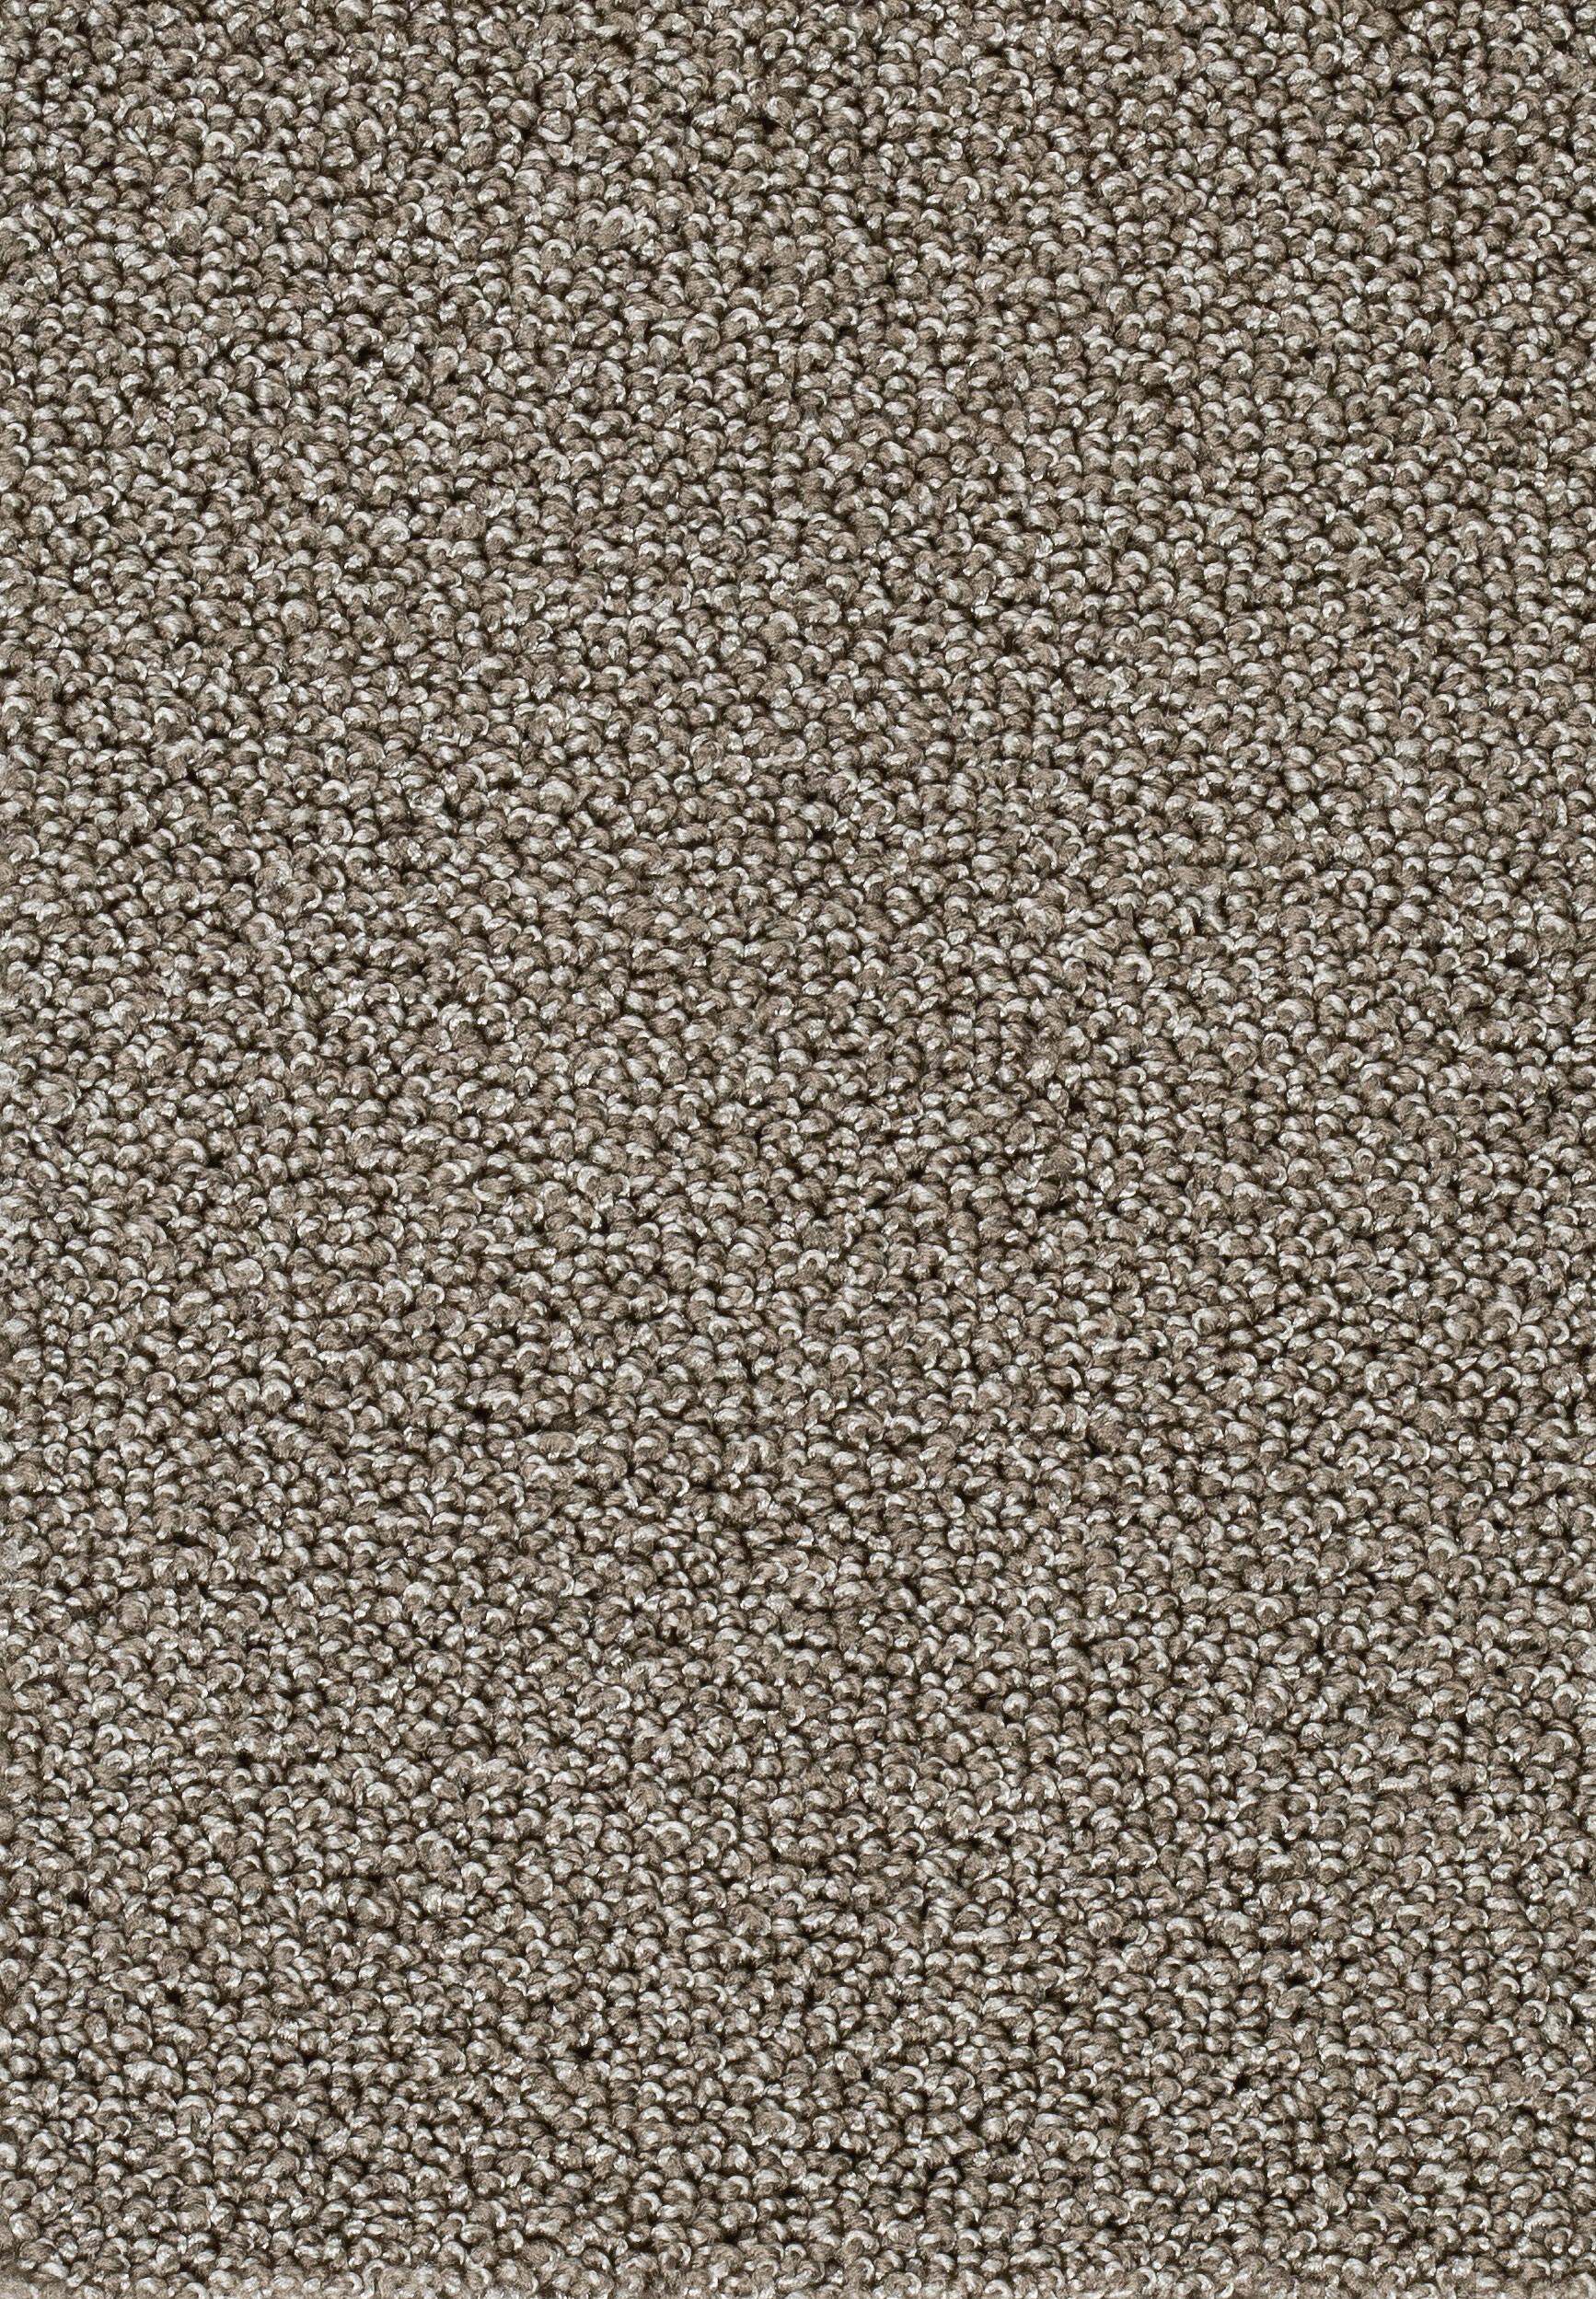 Teppichboden AMBRA 49 400cm breit